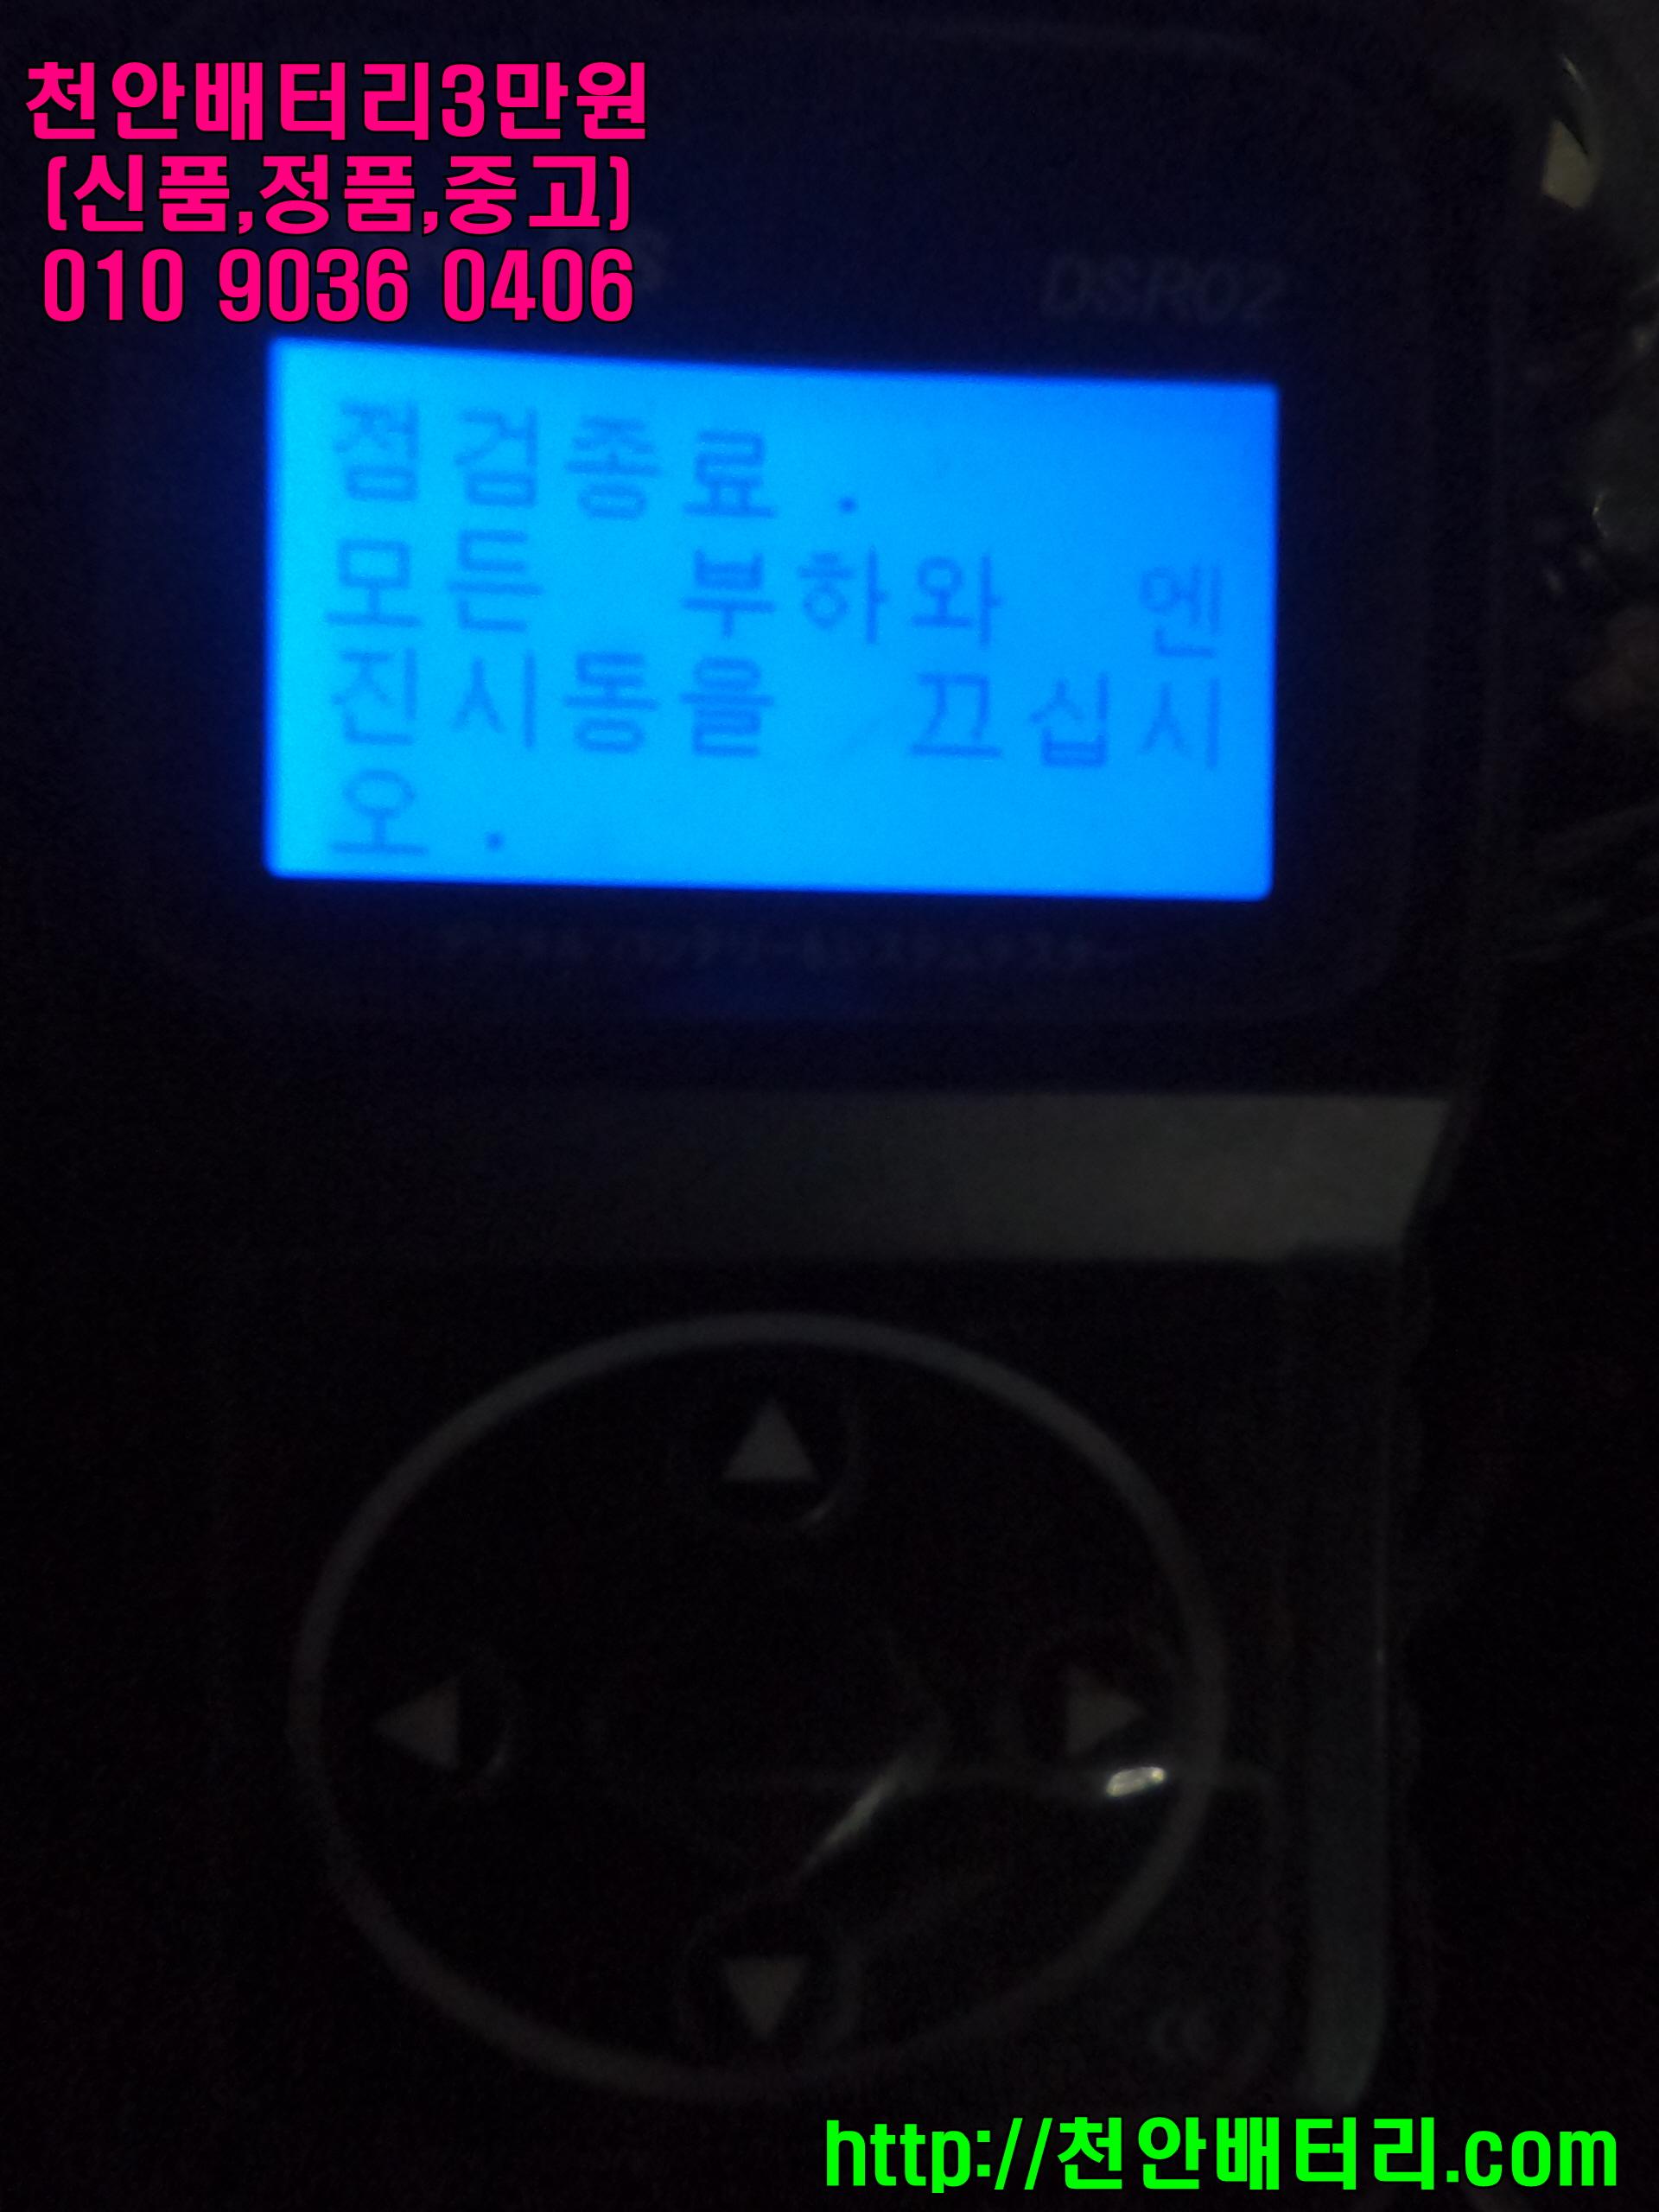 20191128_0941.JPG